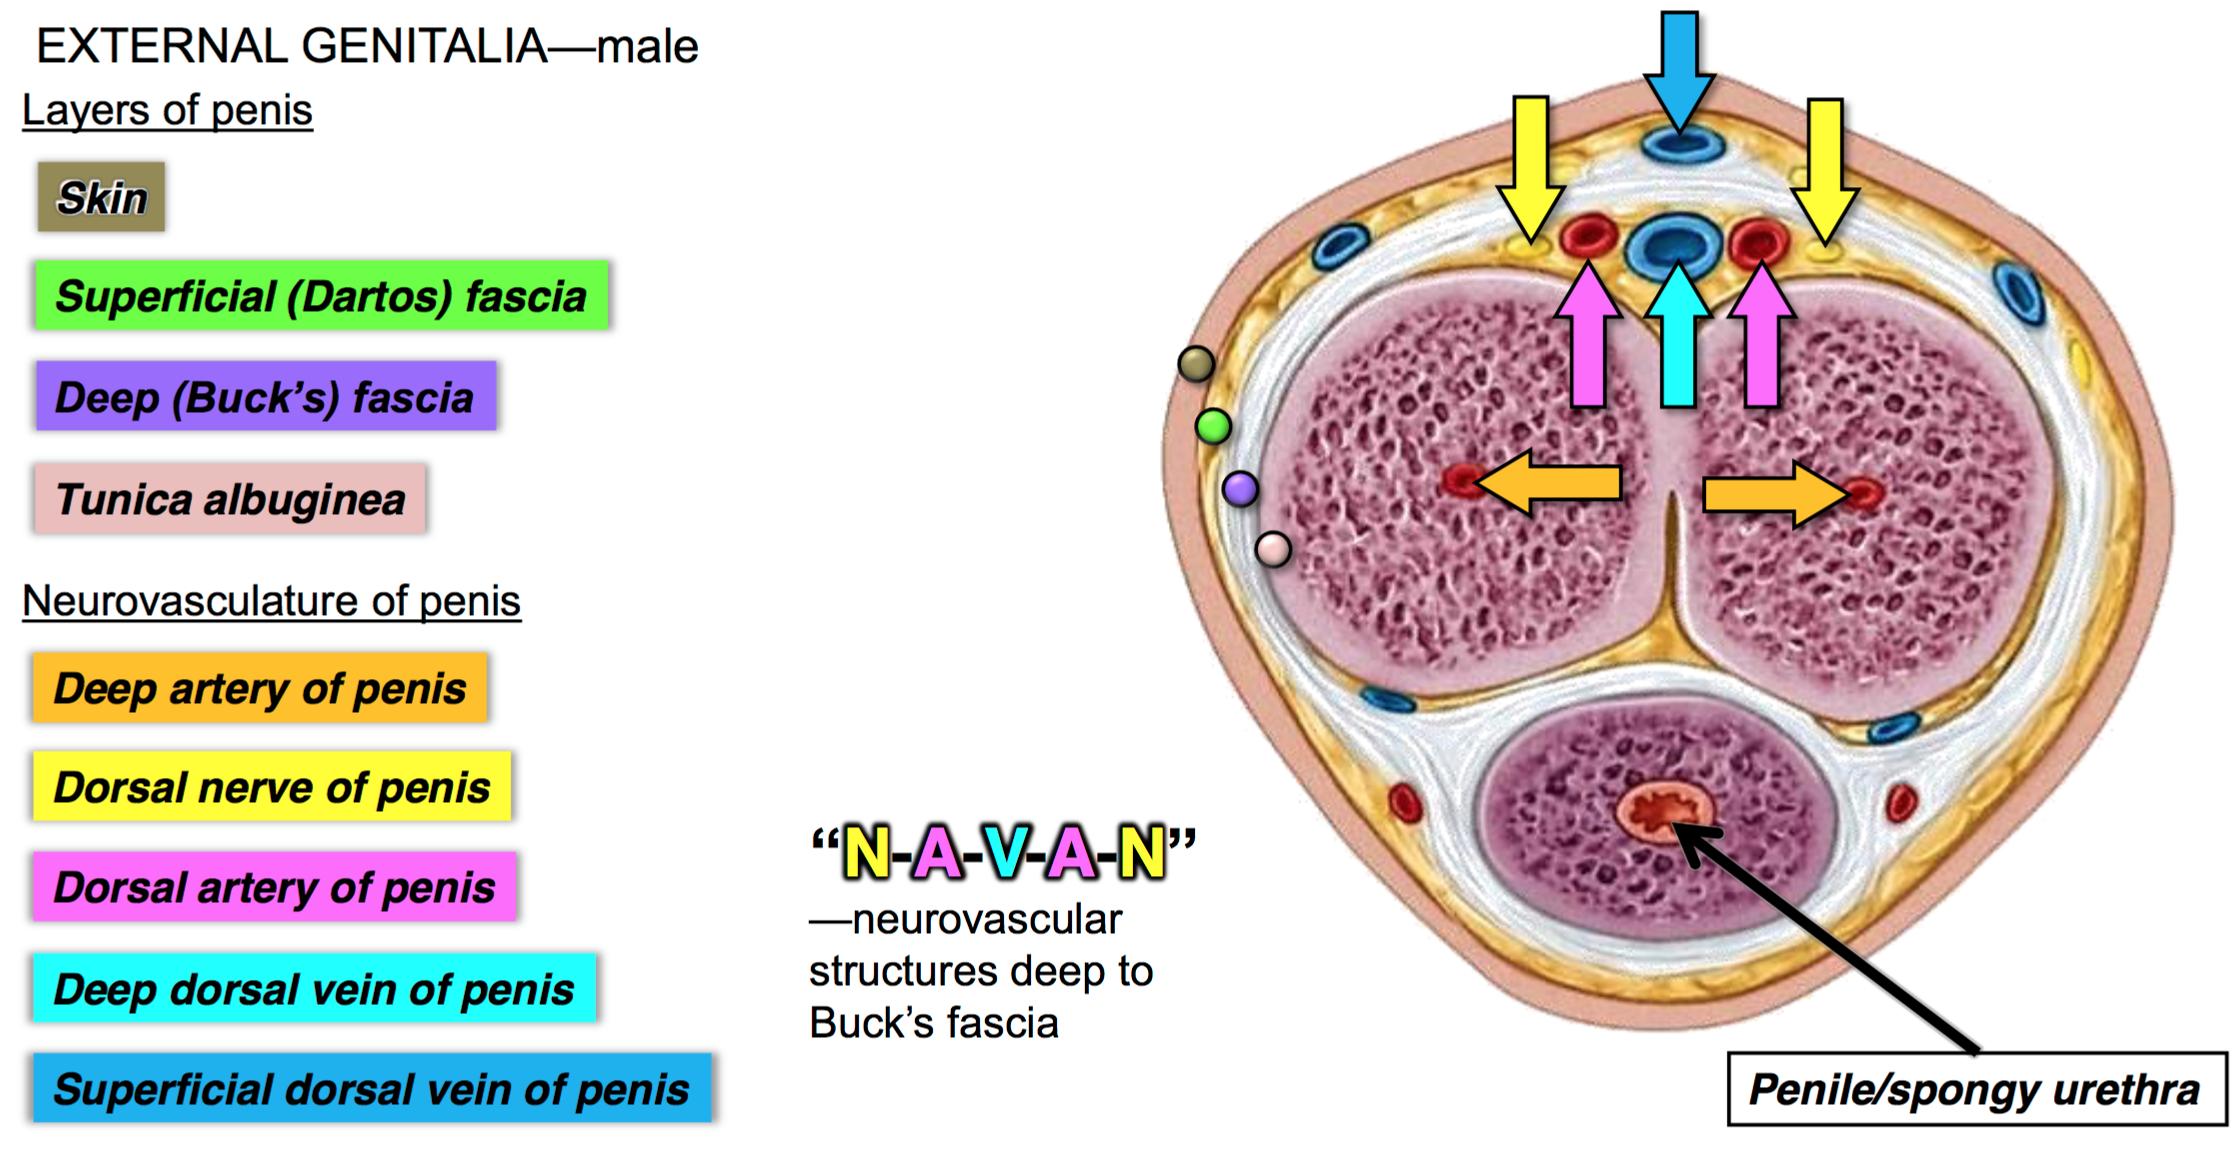 dorsal nerve of penile